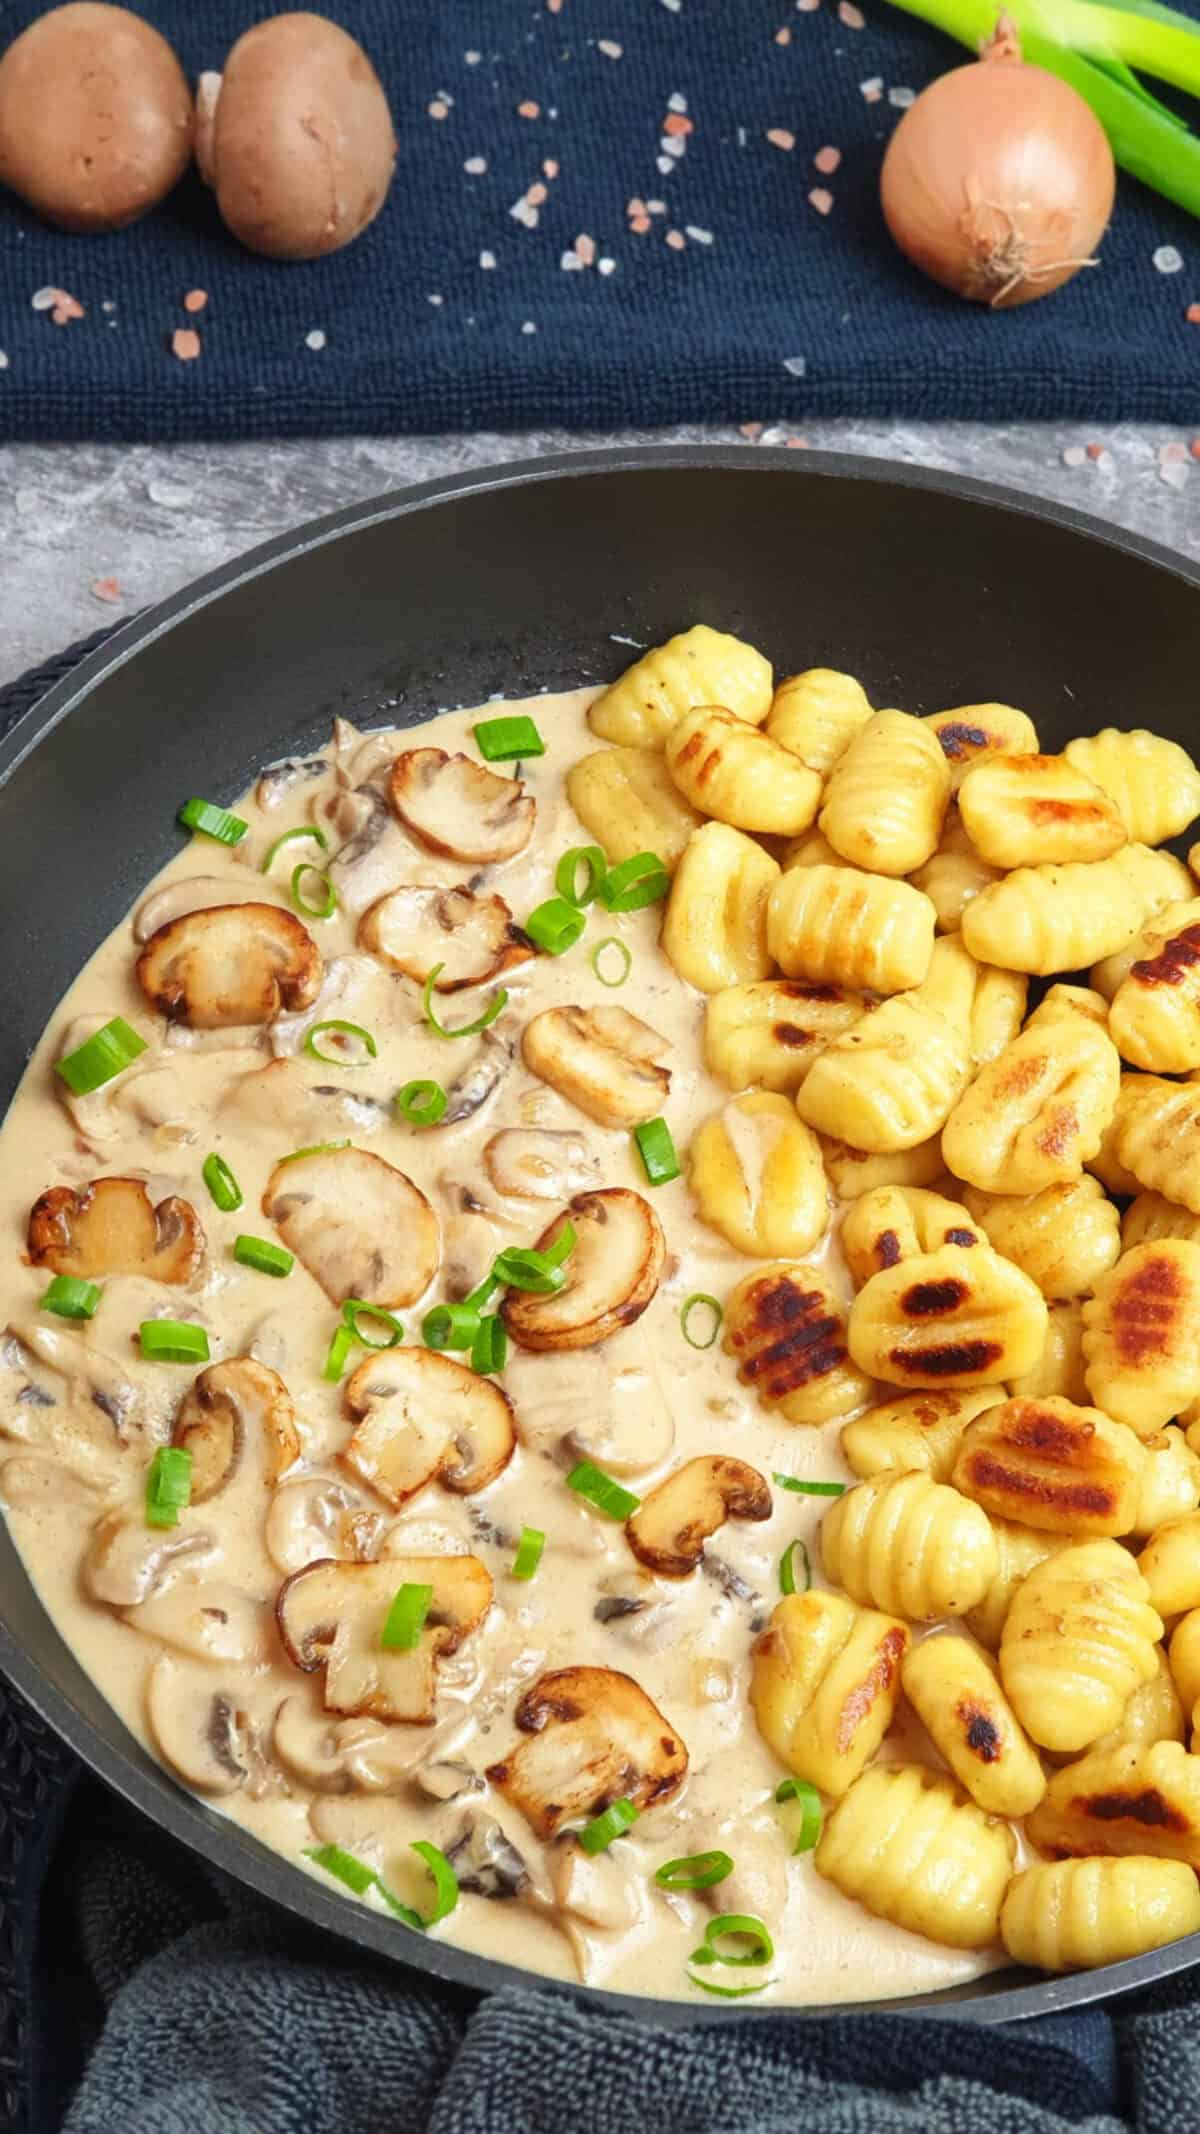 In einer Pfanne angerichtet gebratene Gnocchi mit cremiger Pilz-Rahm-Soße. Mit Petersilie bestreut. Im Hintergrund Deko.